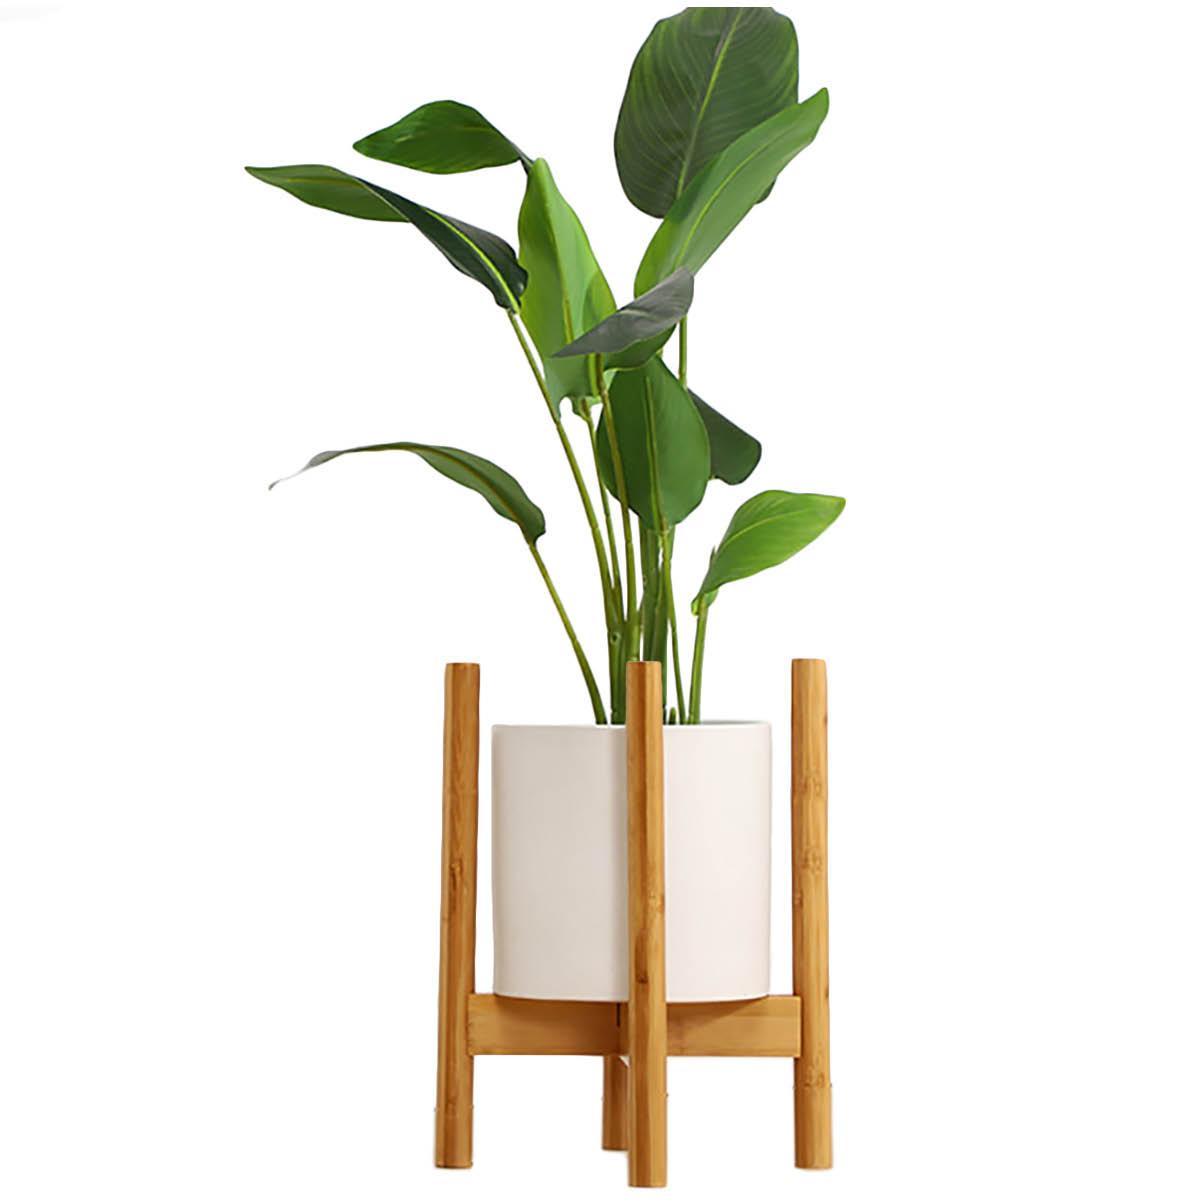 簡単な組み立て式、シンプルでコンパクトなデザイン!! [高さ38cm] VeroMan ポットスタンド フラワースタンド 竹製 直径30cm 調整可 植木鉢 ガーデニング 室内 室外 花台